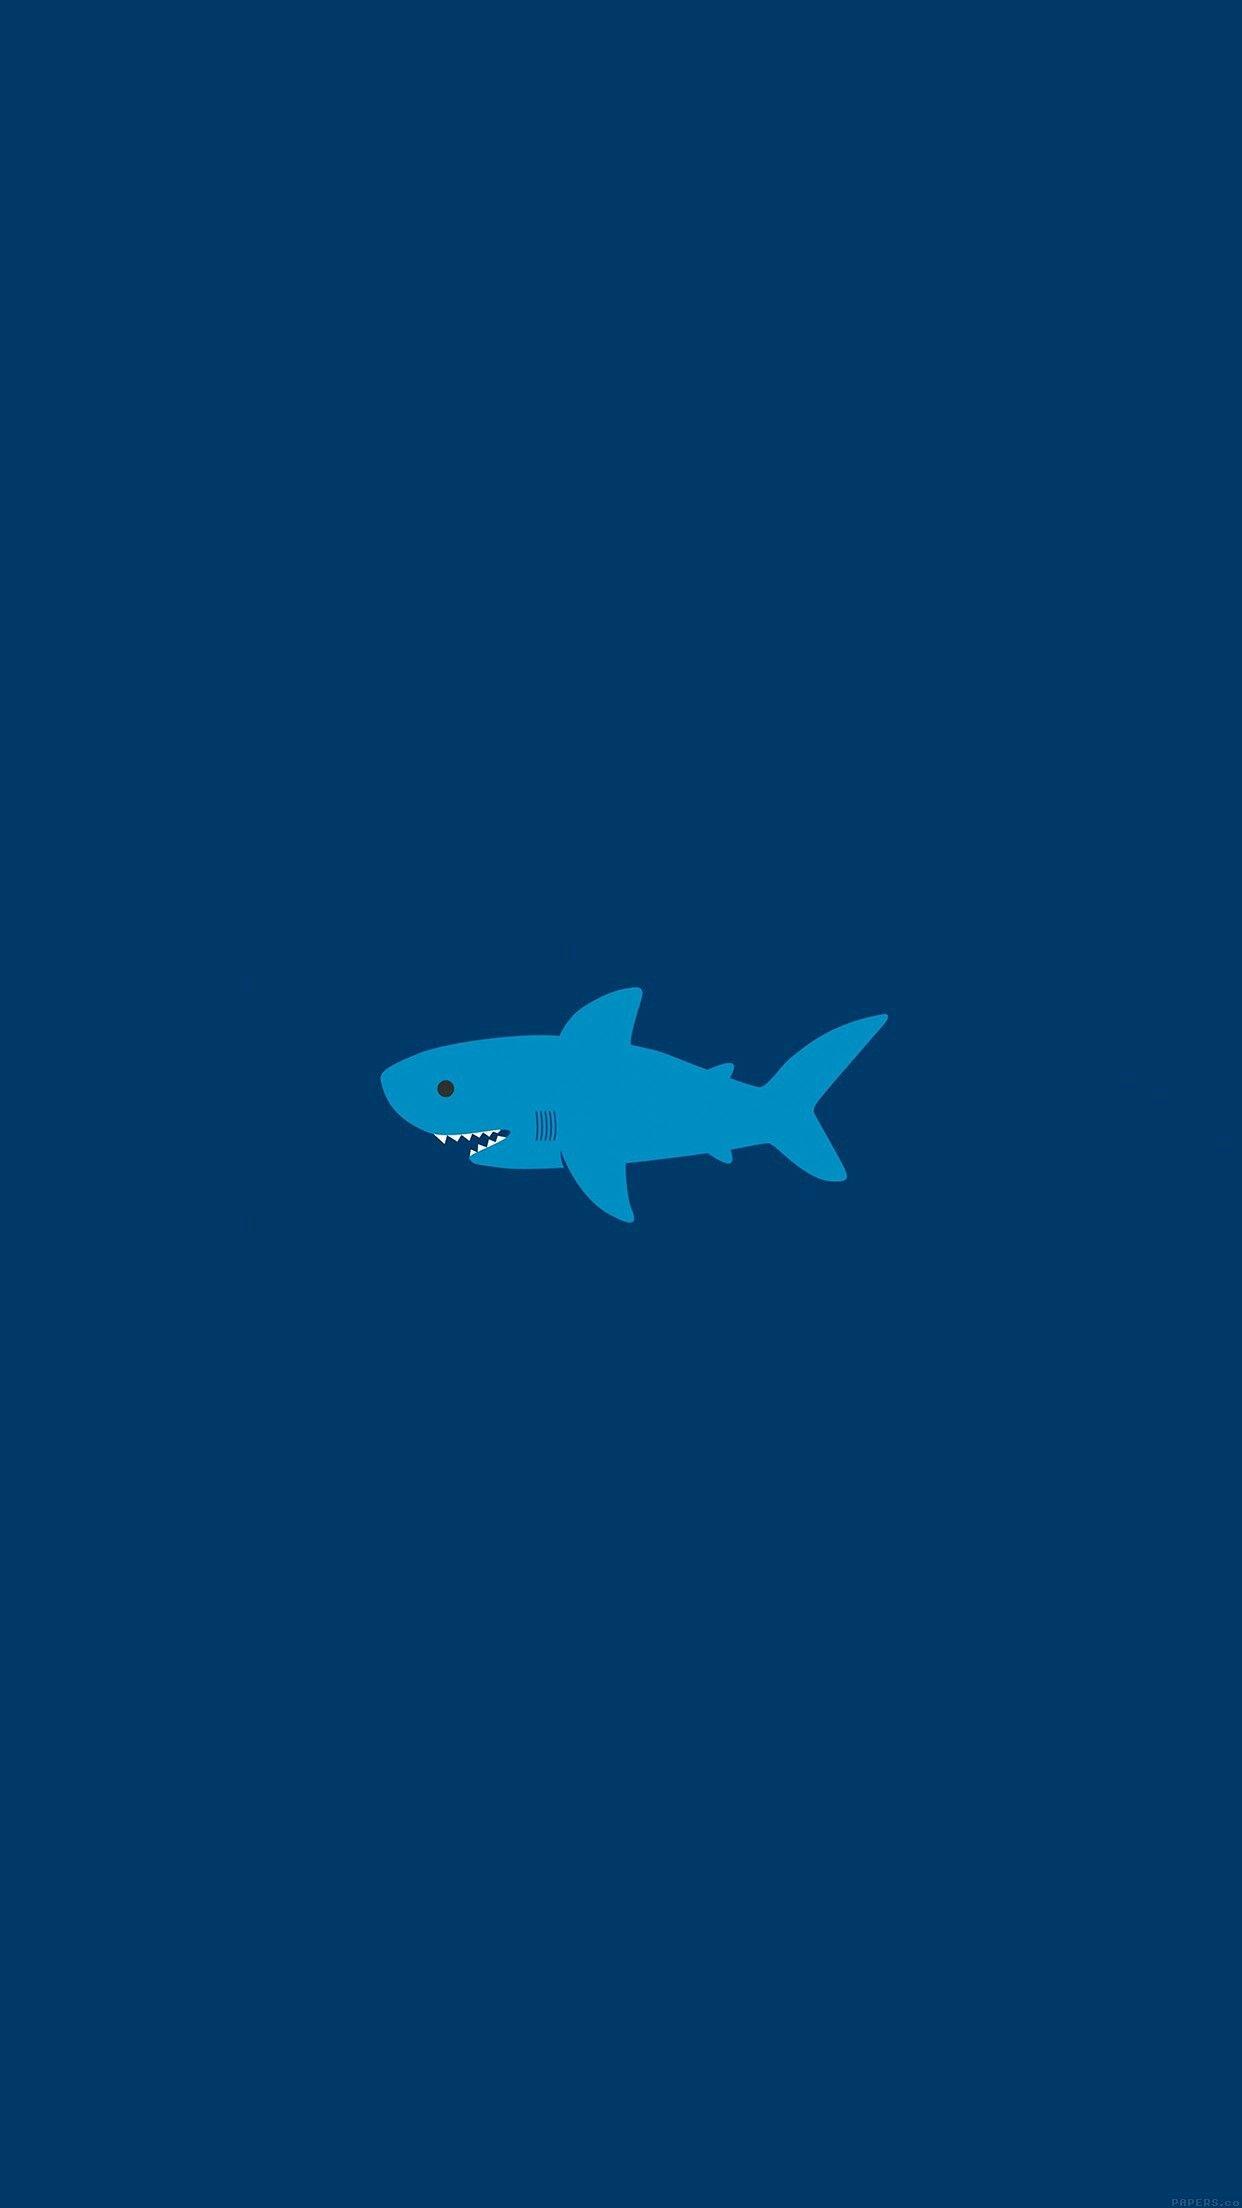 Haifisch Hintergrundbild Iphone, Fisch Hintergrund, Sommer Hintergrundbild,  Hintergrundbilder Fürs Handy, Telefon Hintergründe, Hintergrundbilder, ...